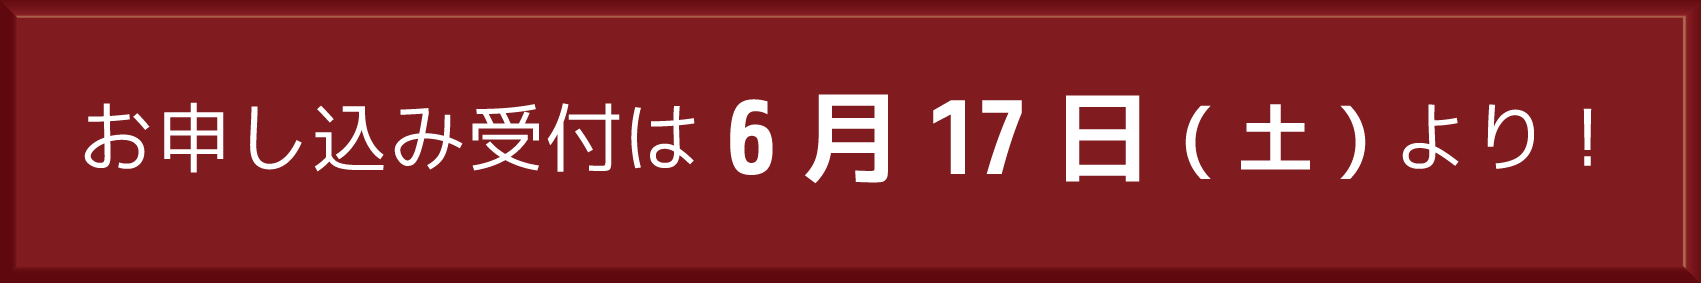 2017_uketukebotan